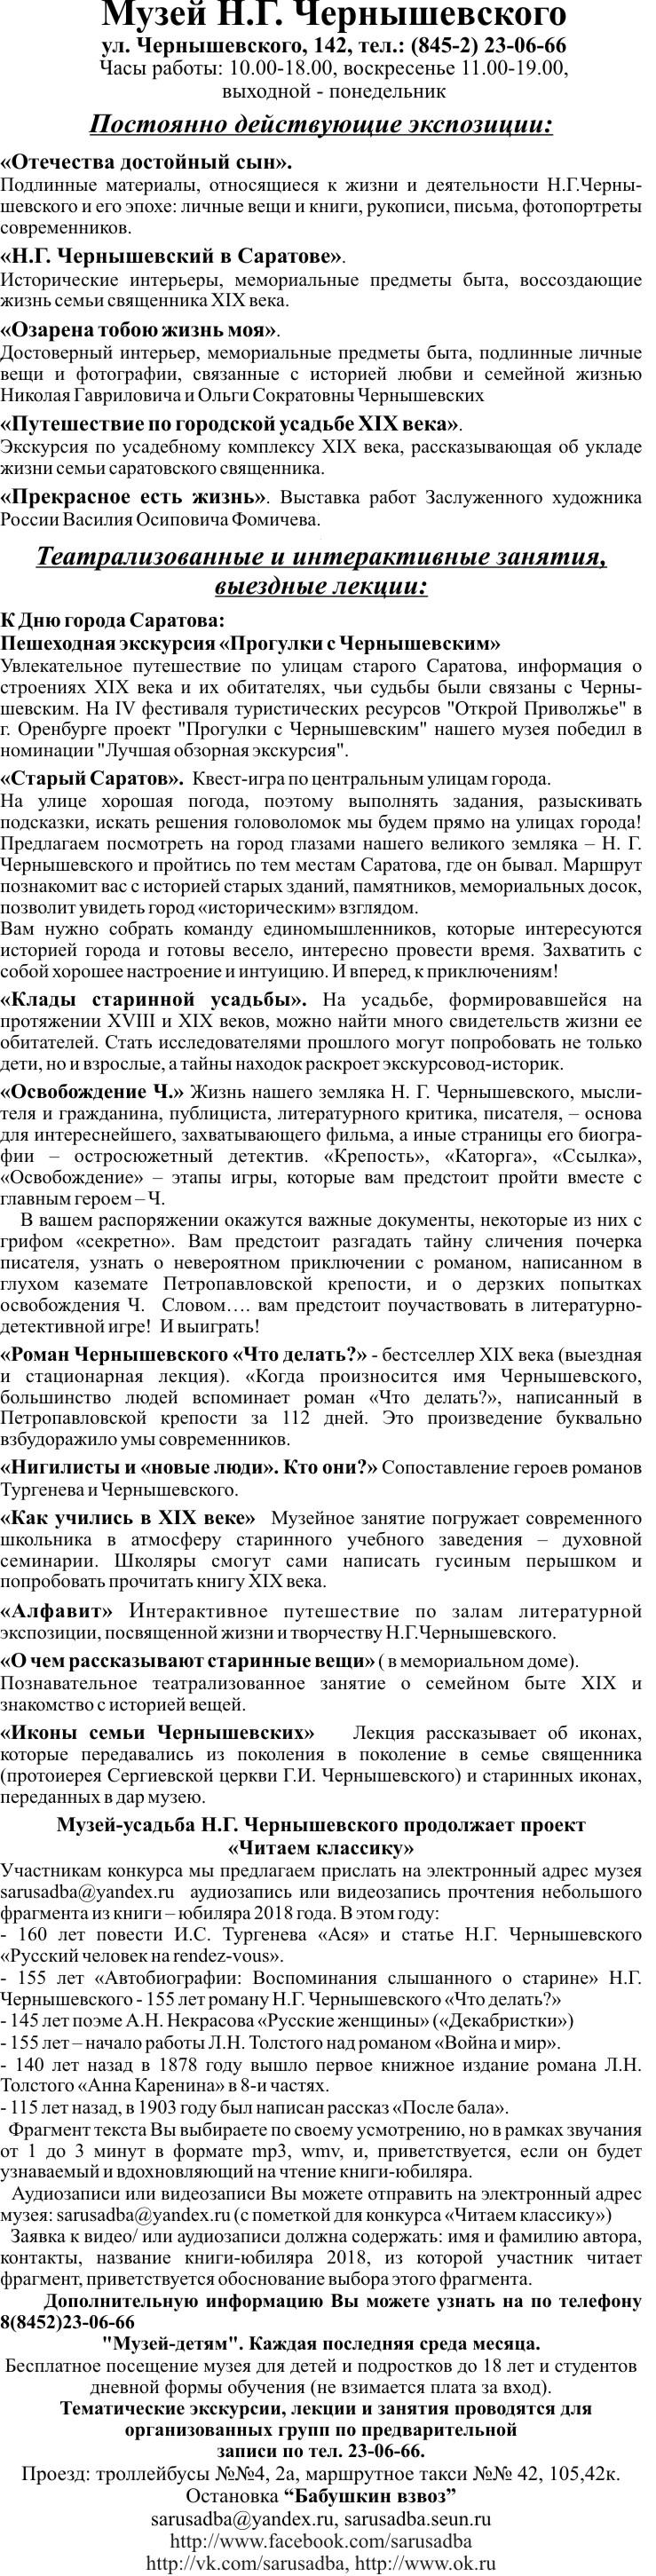 Музей Чернышевского..